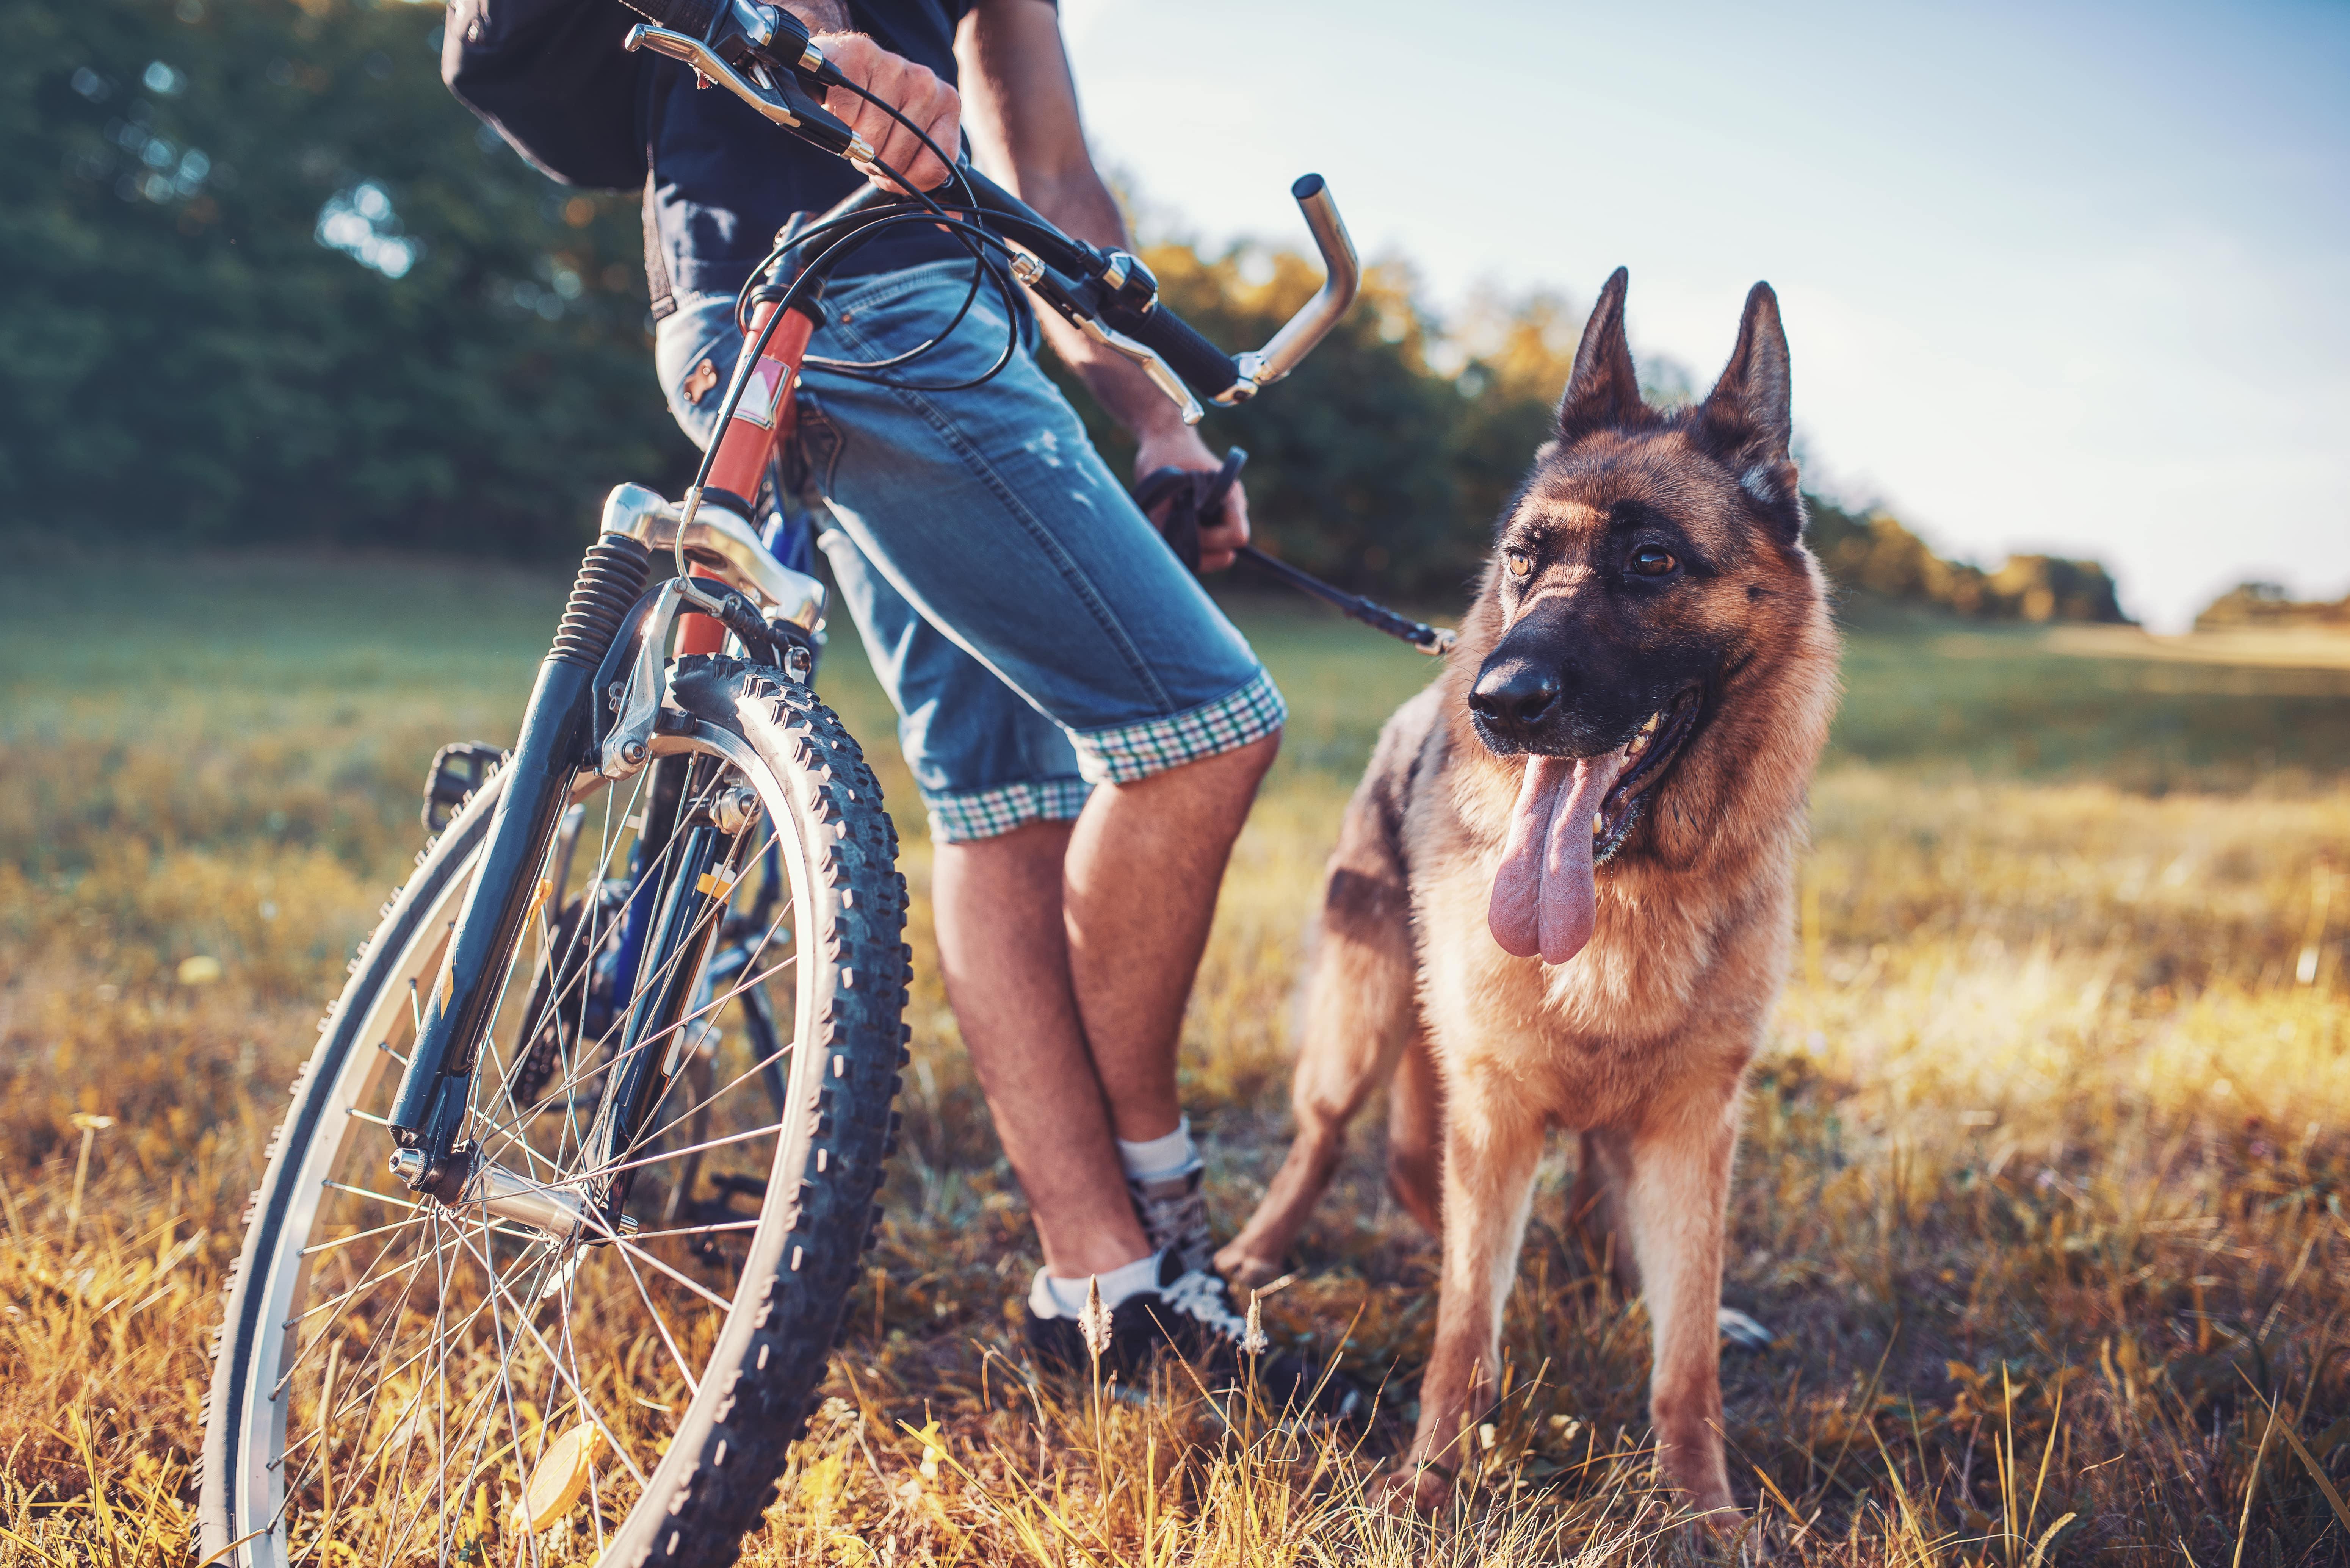 Mountainbiker steh an sein Rad gelehnt in einem sommerlichen Getreidefeld, neben ihm ein Schäferhund